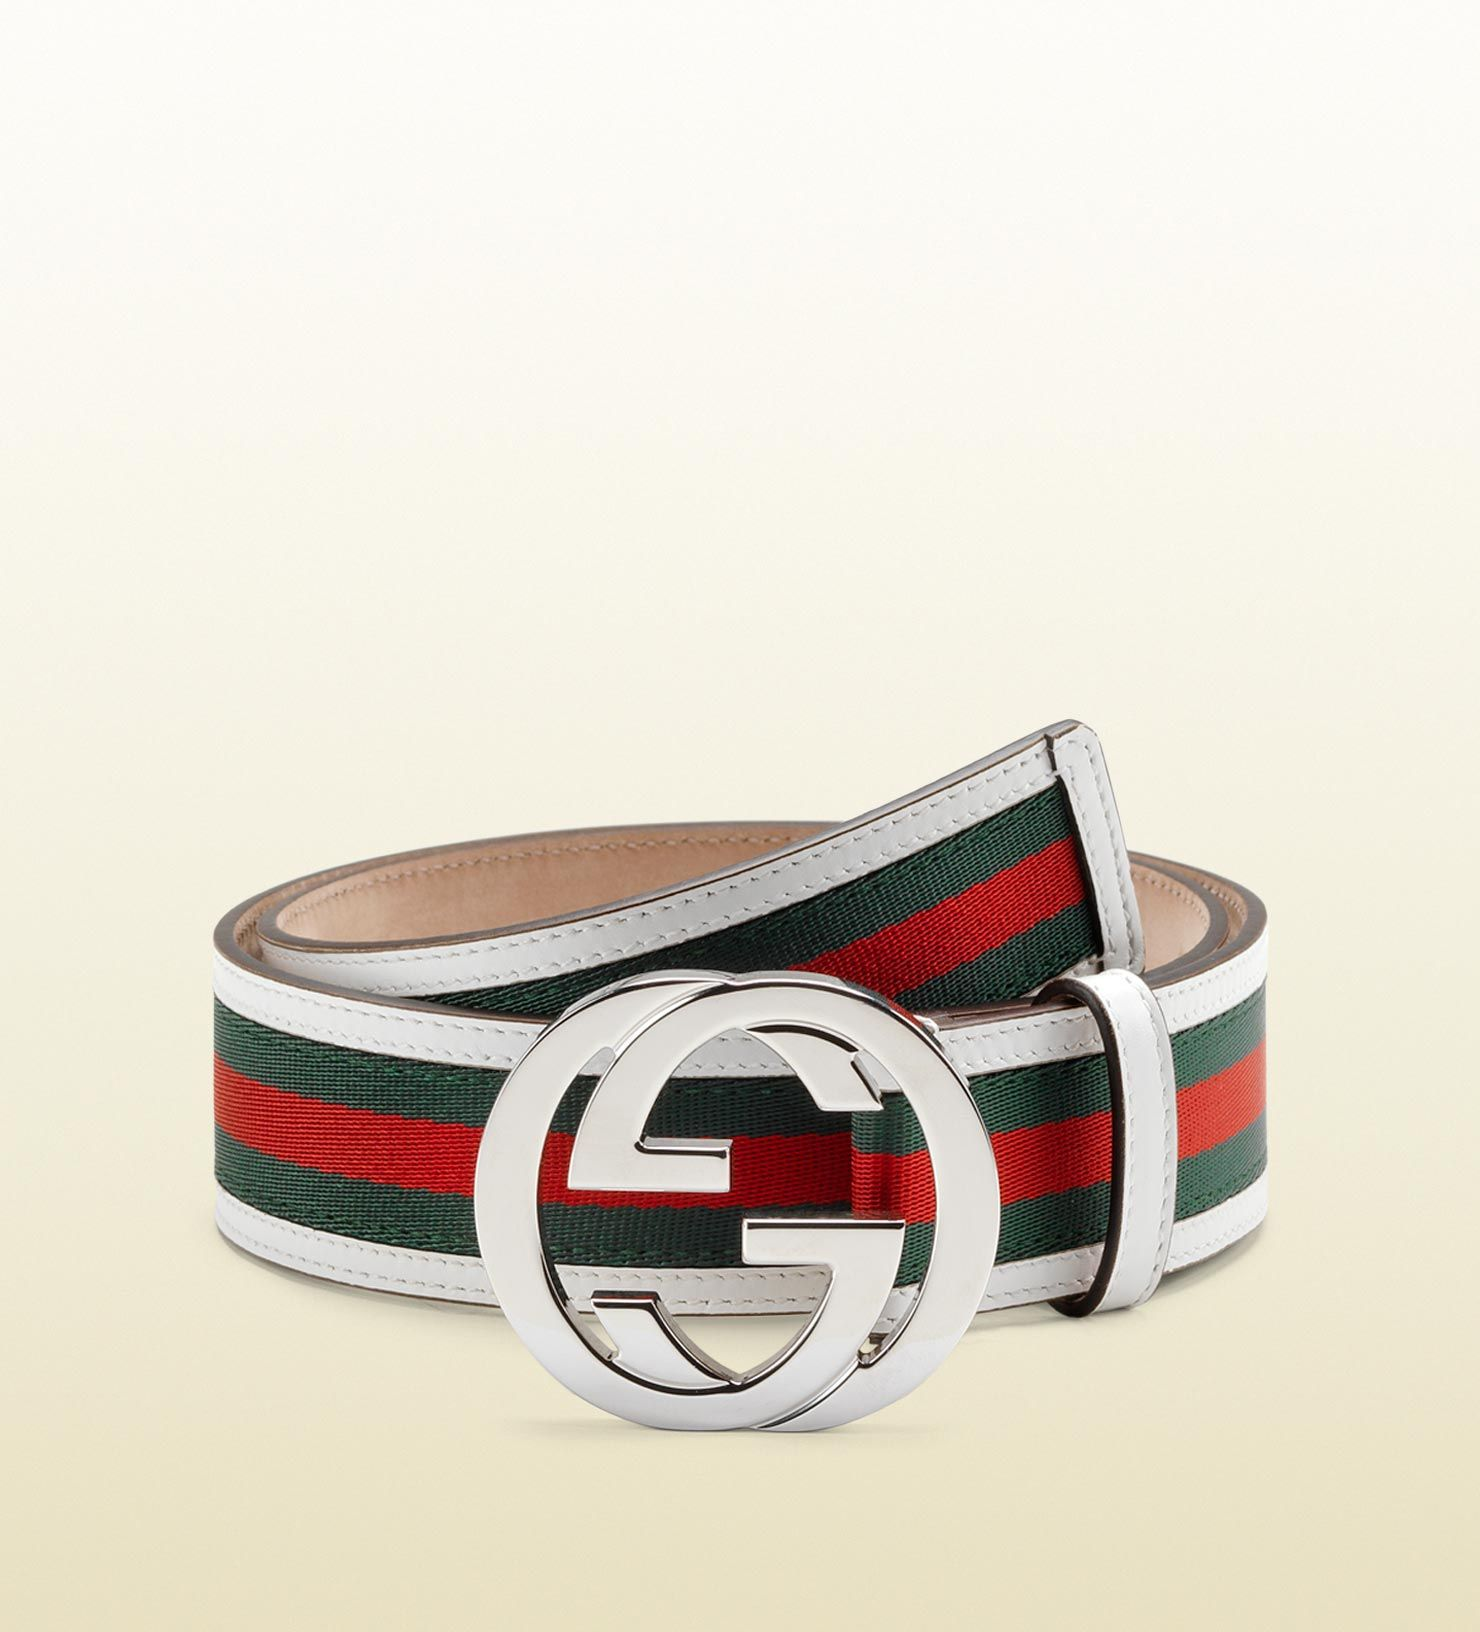 belt with interlocking G buckle | Fashion | Pinterest ...